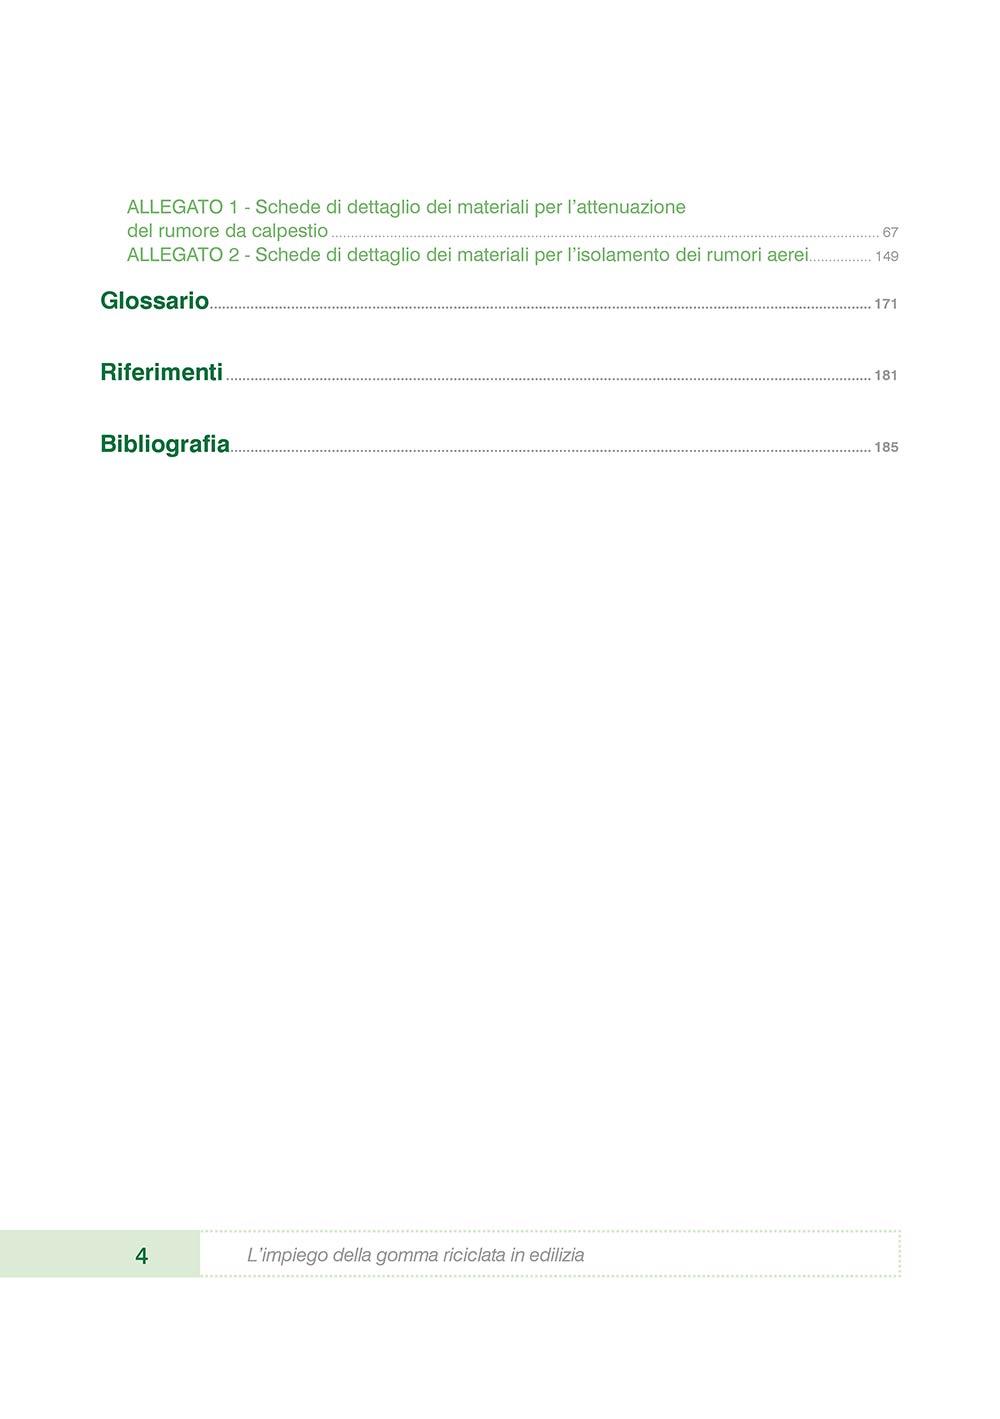 L'impiego della gomma riciclata in edilizia Vol. 3 - Le prestazioni in opera